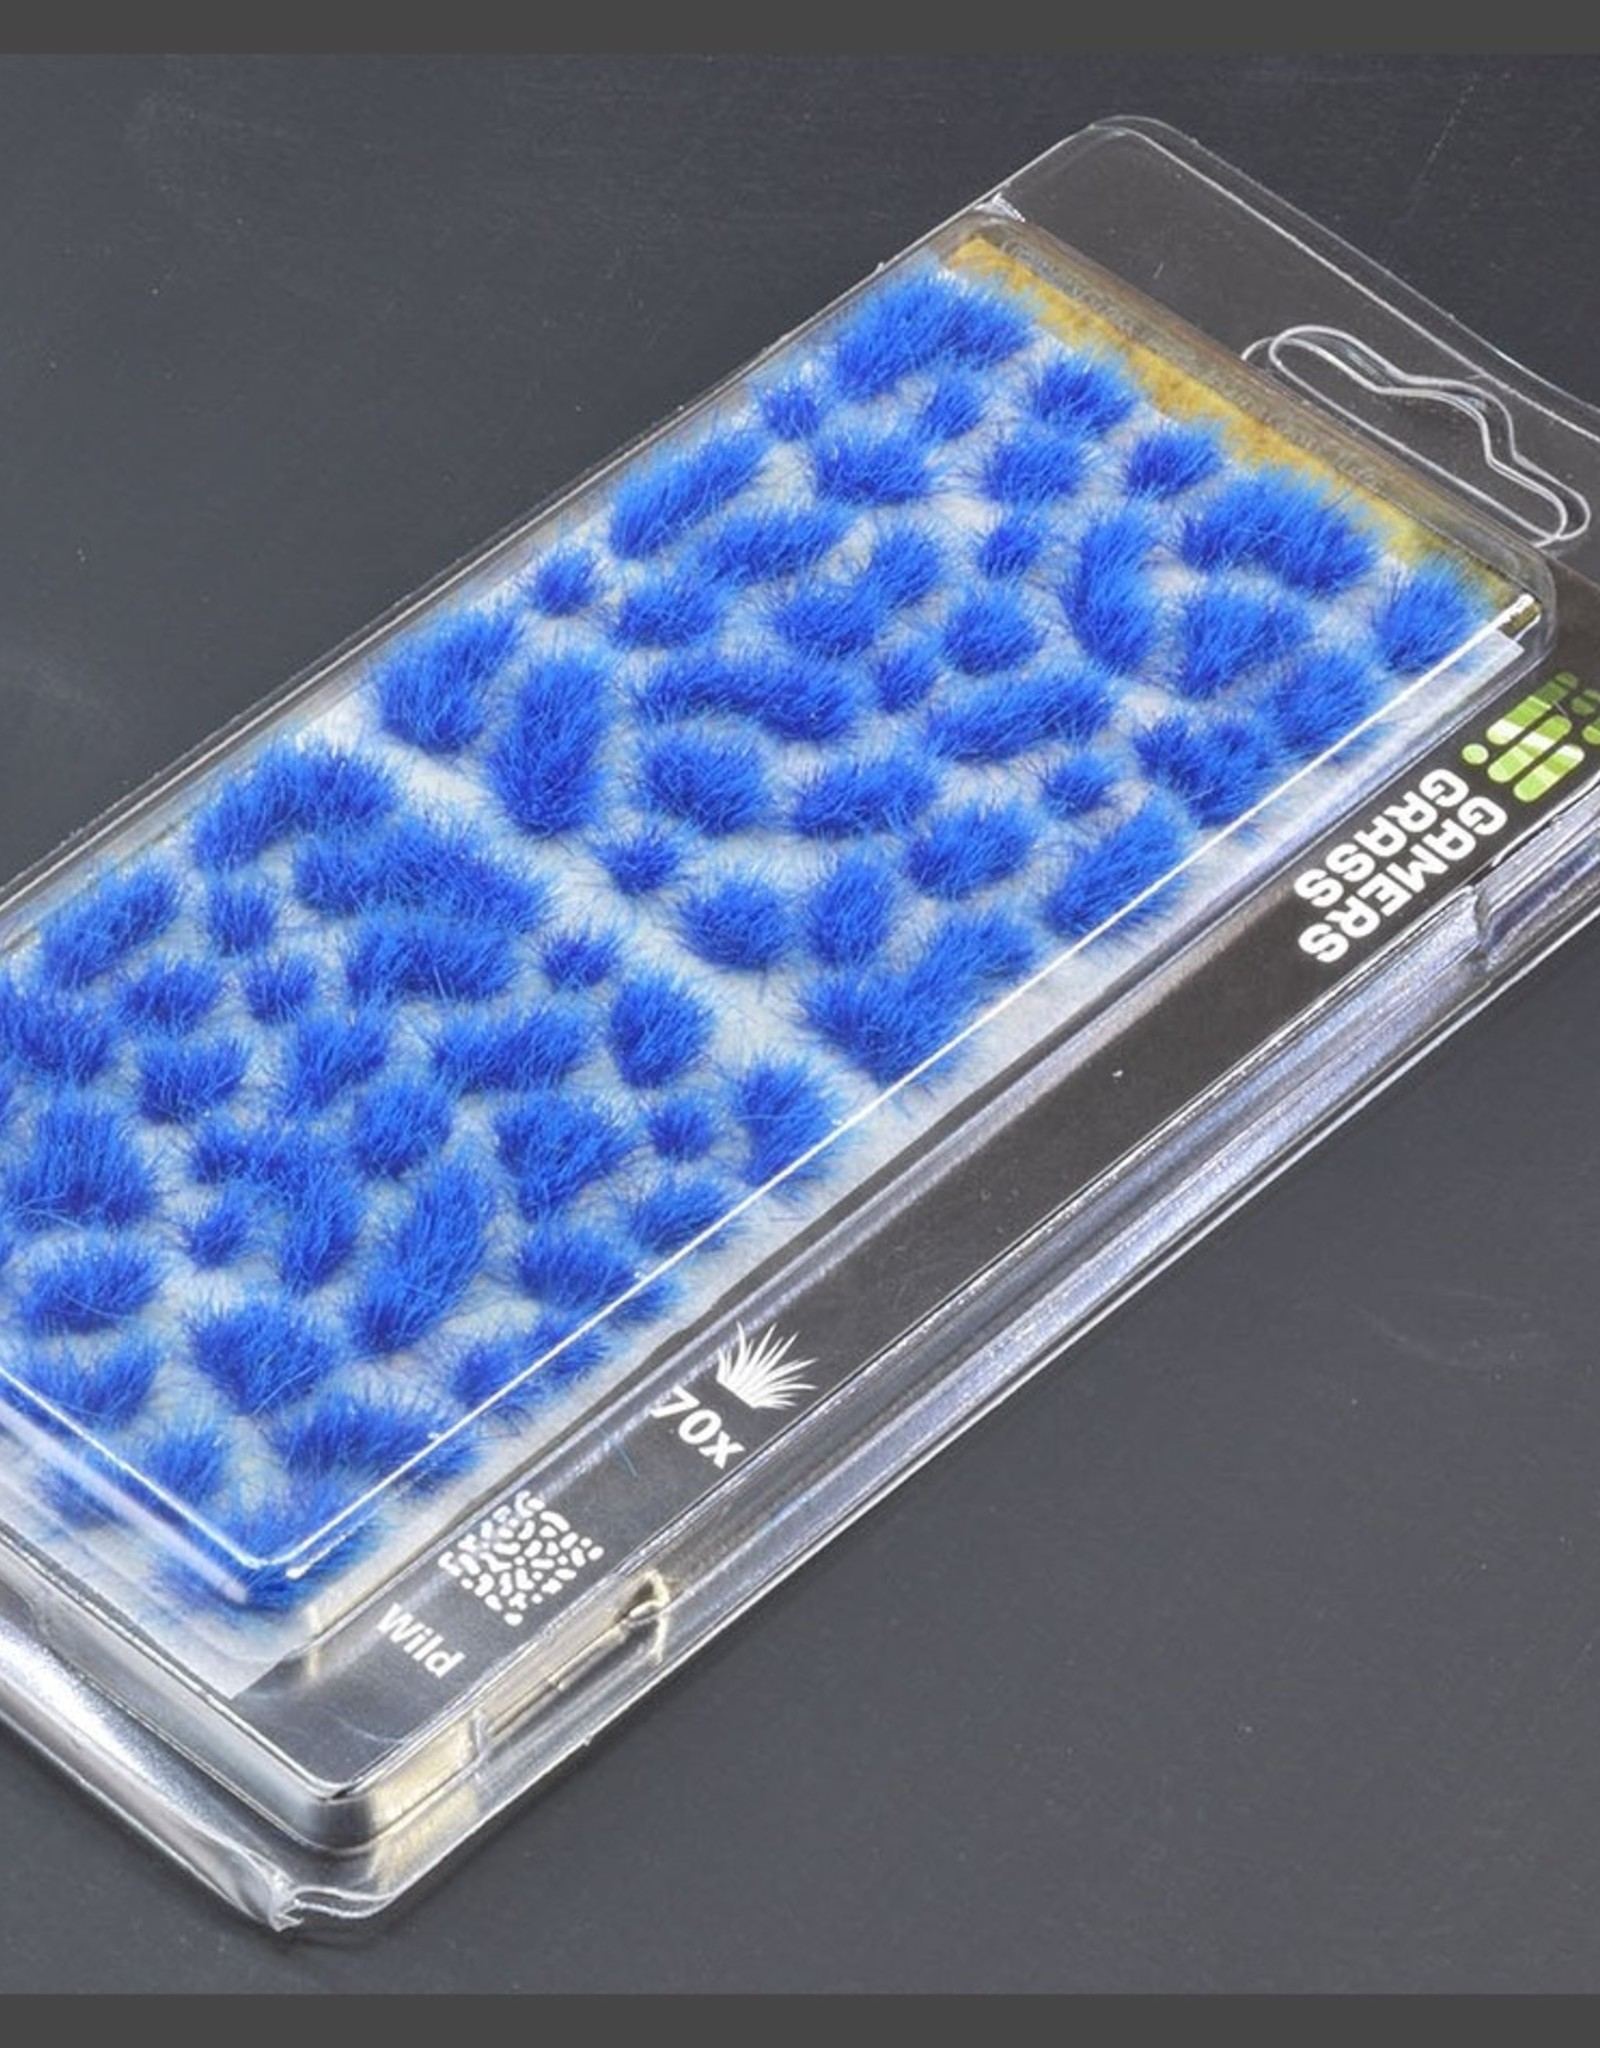 Gamers Grass Alien Tufts Blue (6mm)